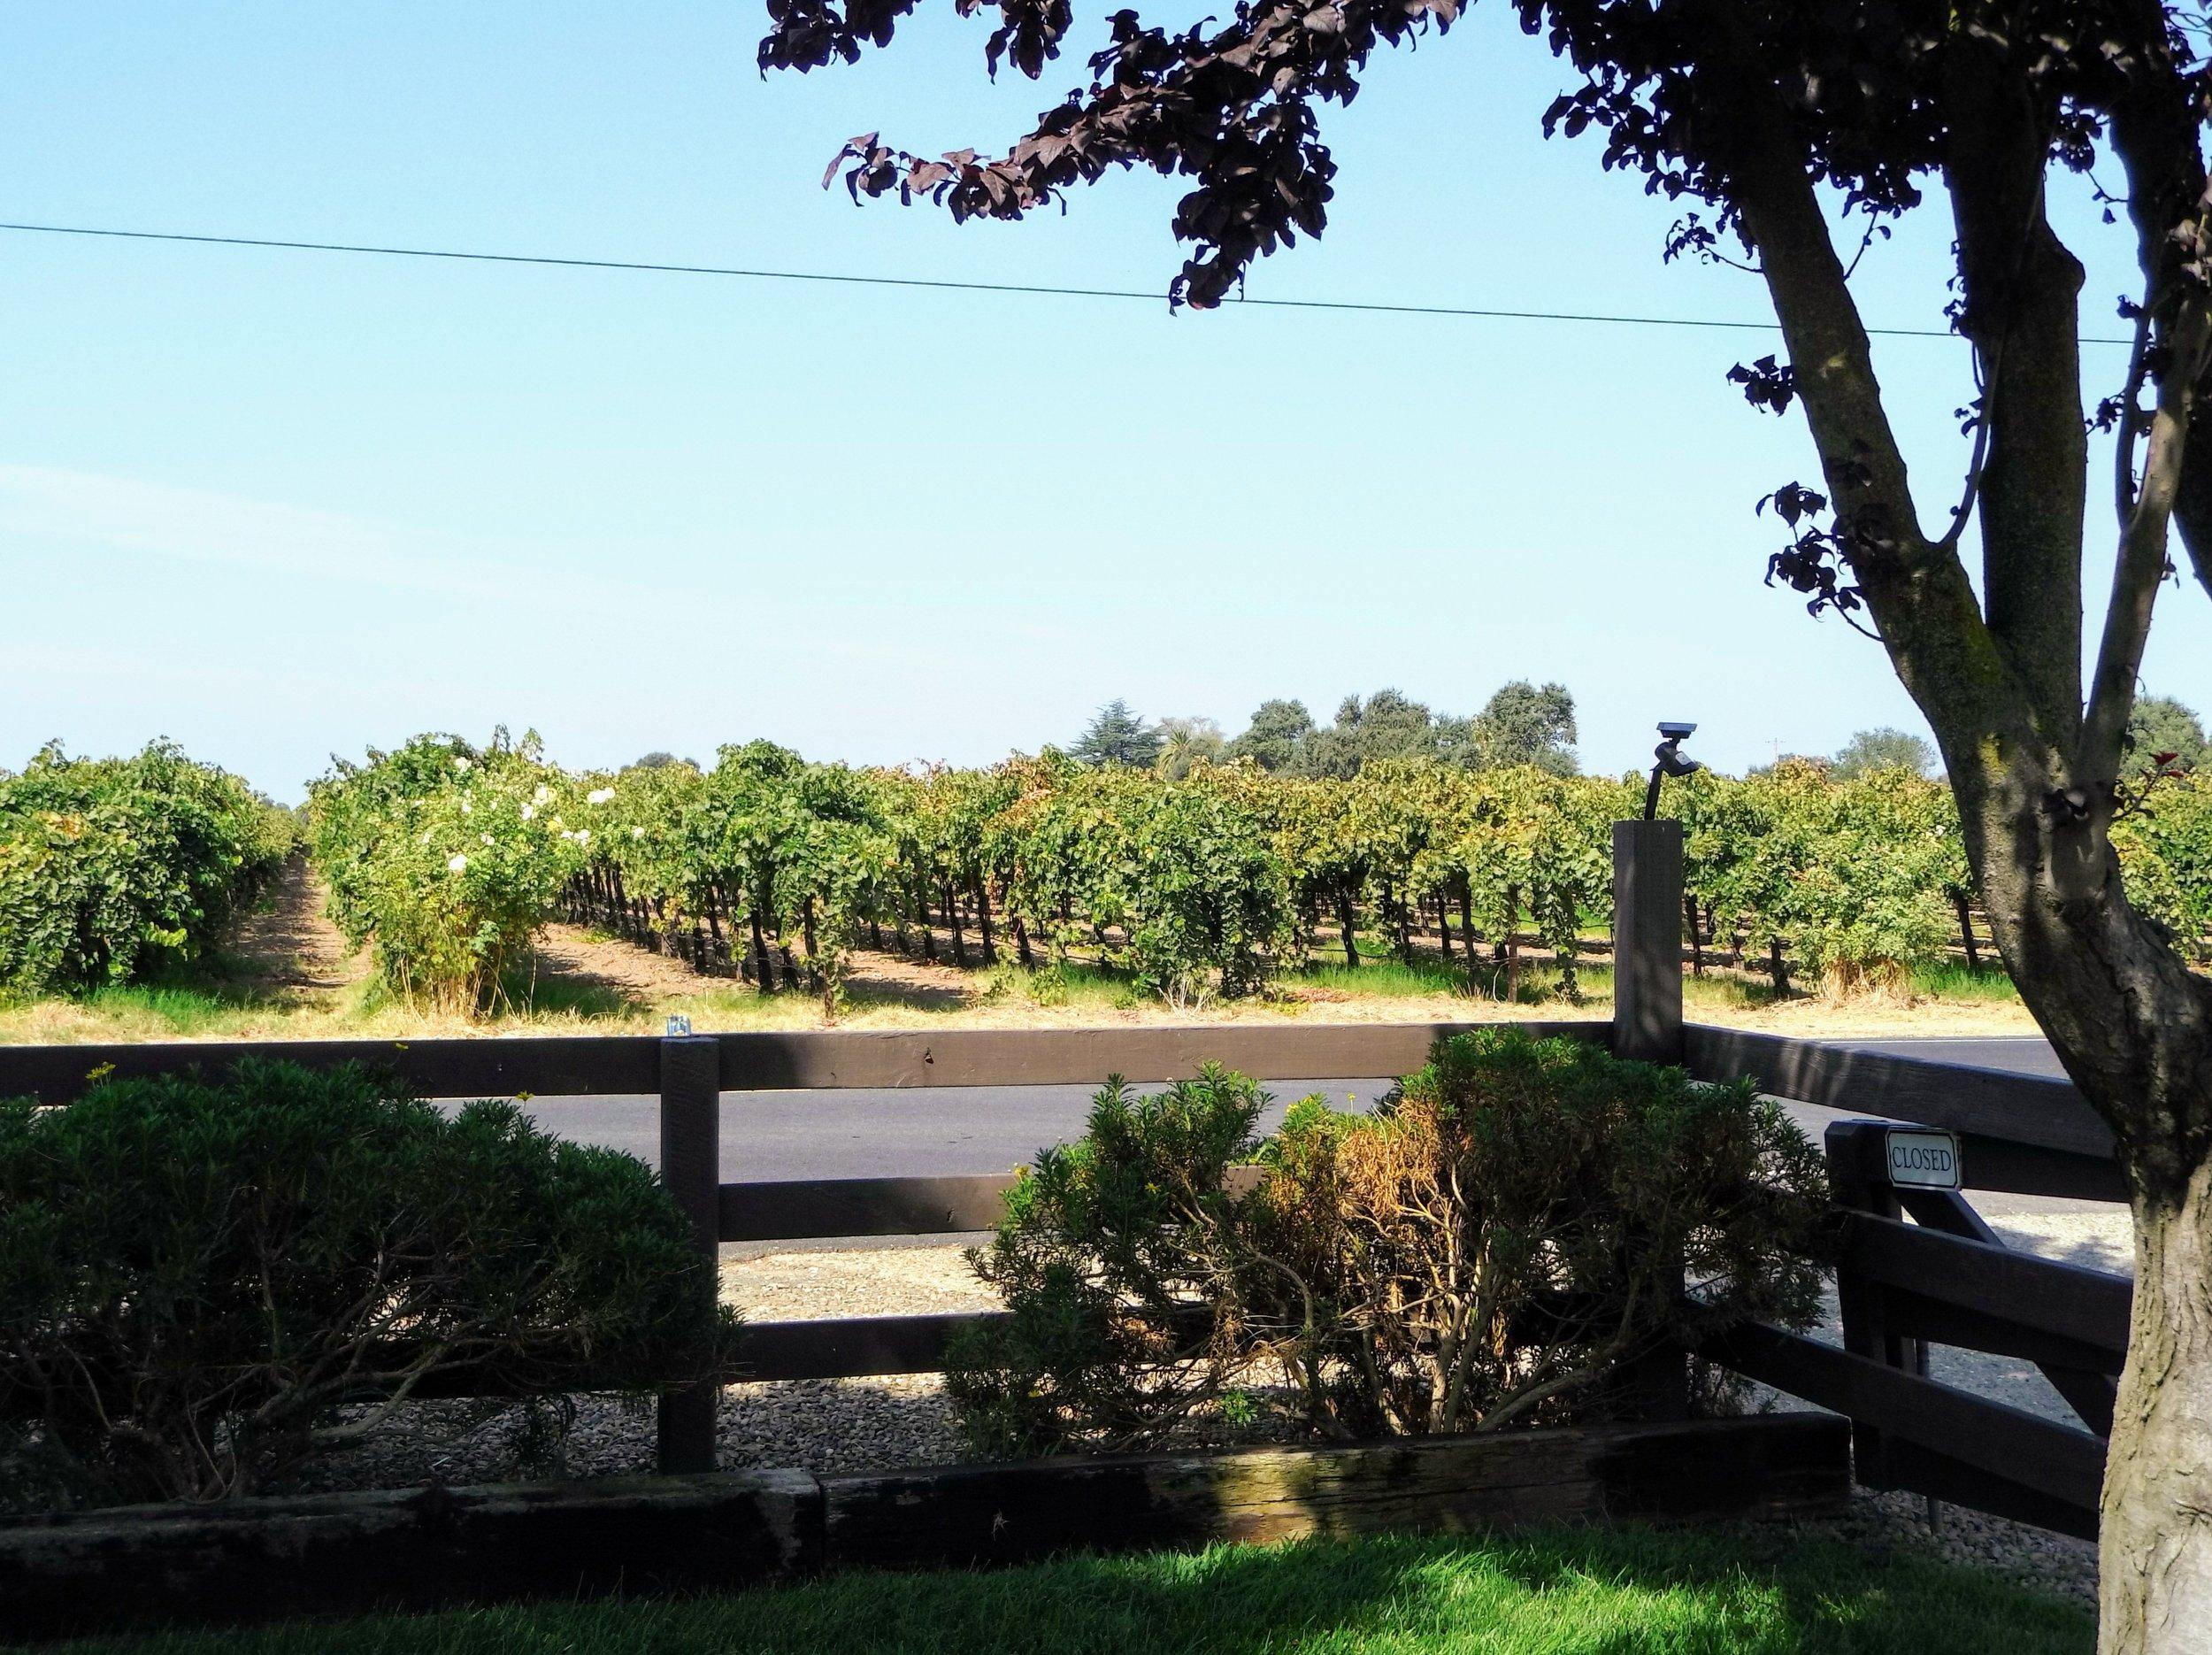 Un aspecto de un viñedo en Lodi, California. Región productora de vinos de calidad.